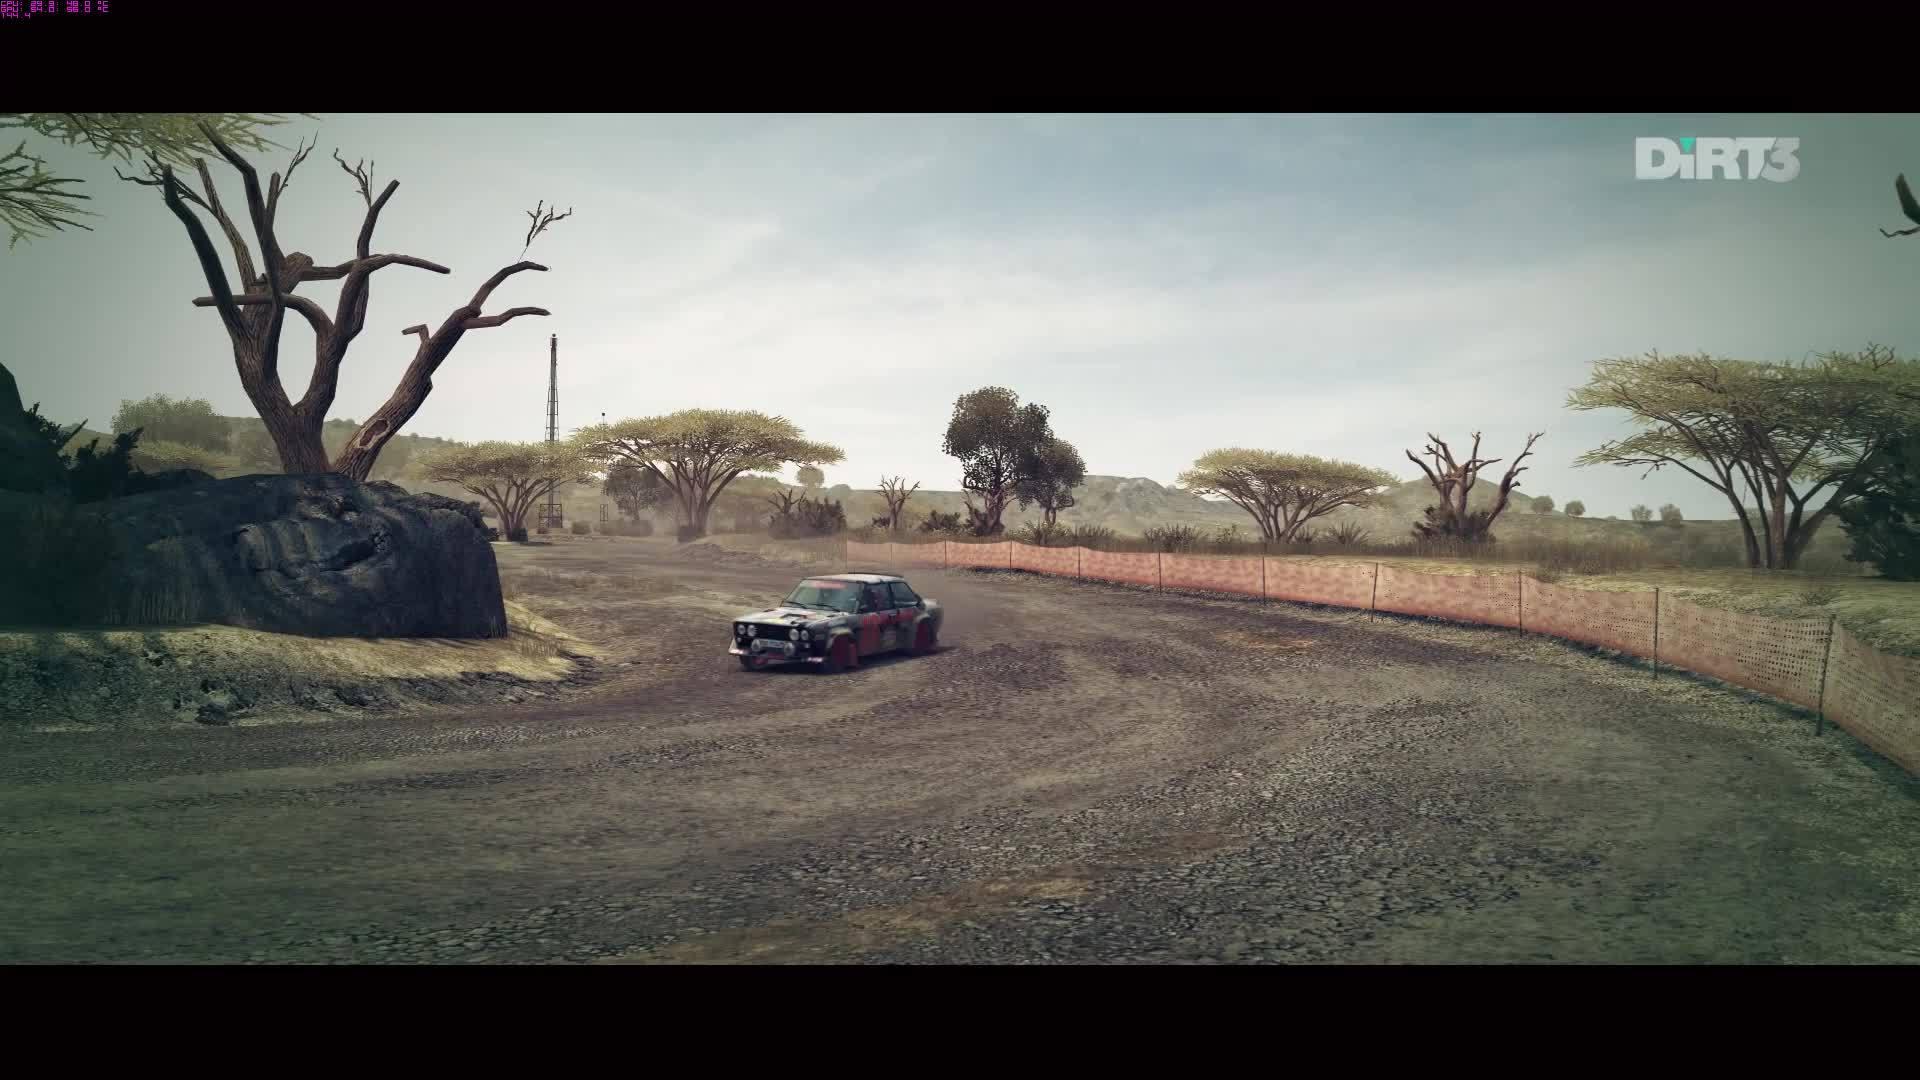 60fpsGamingGifs, 60fpsgaminggifs, [DiRT3] Kenya GIFs